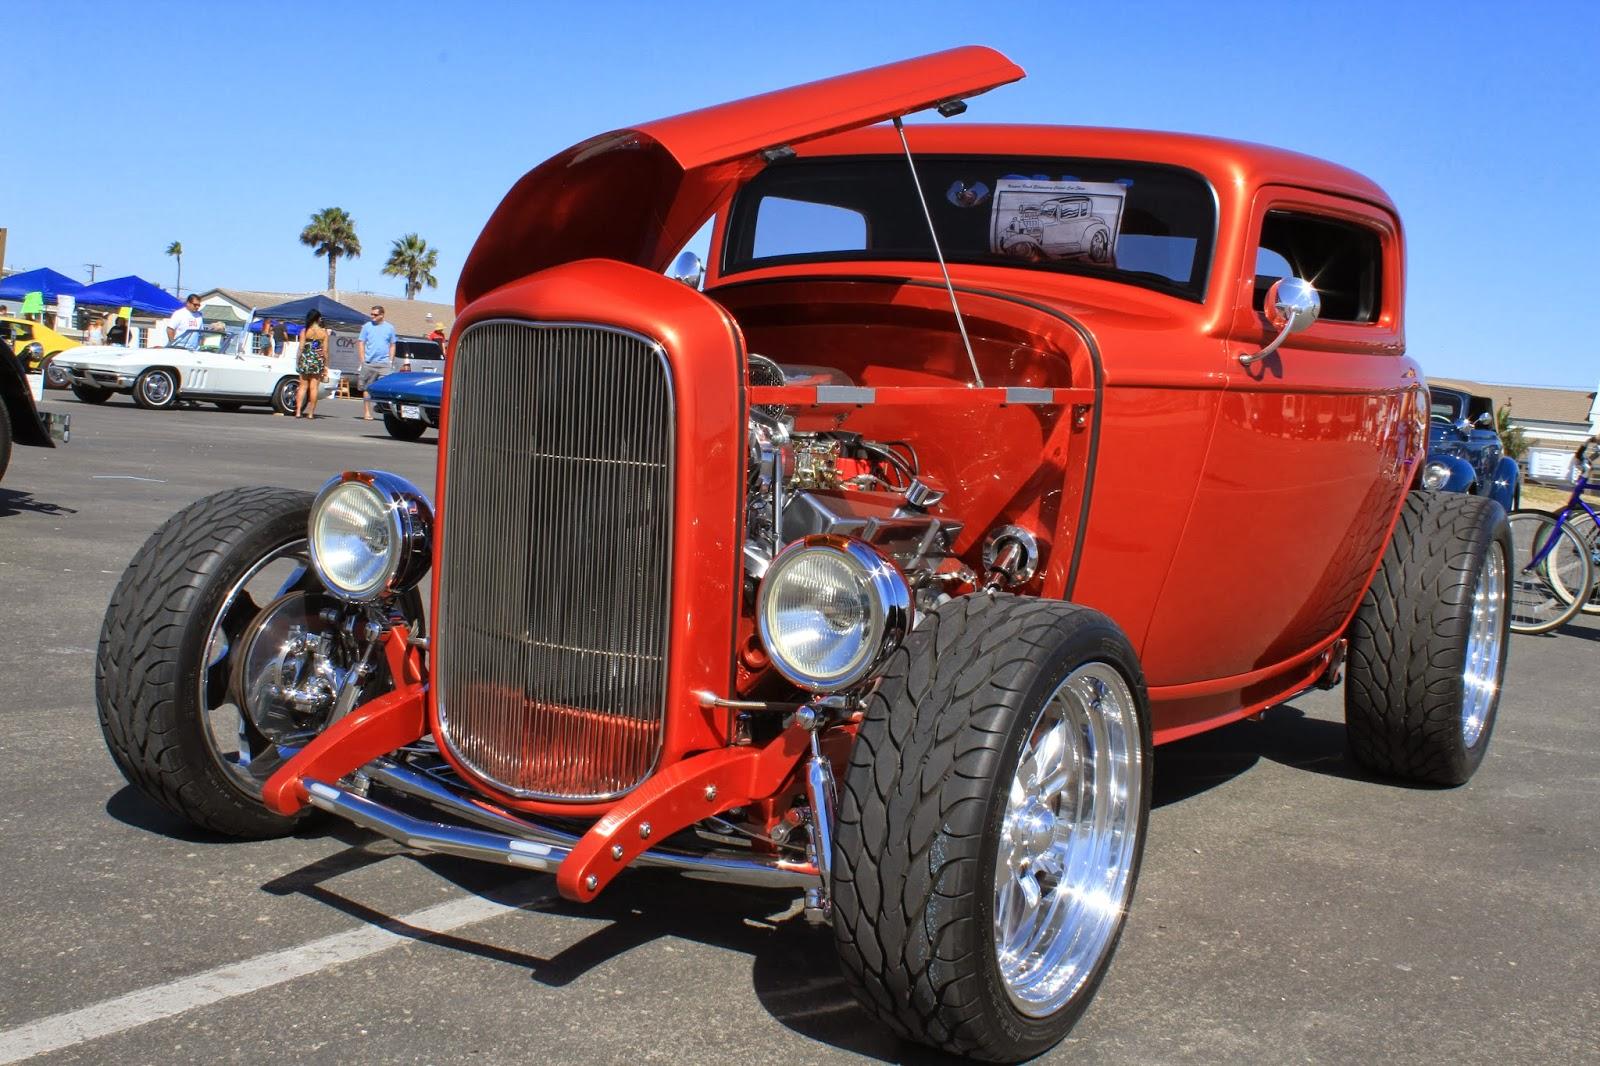 Poor Boy Hot Rod Garages : Evento em região litoranea da california garage old school